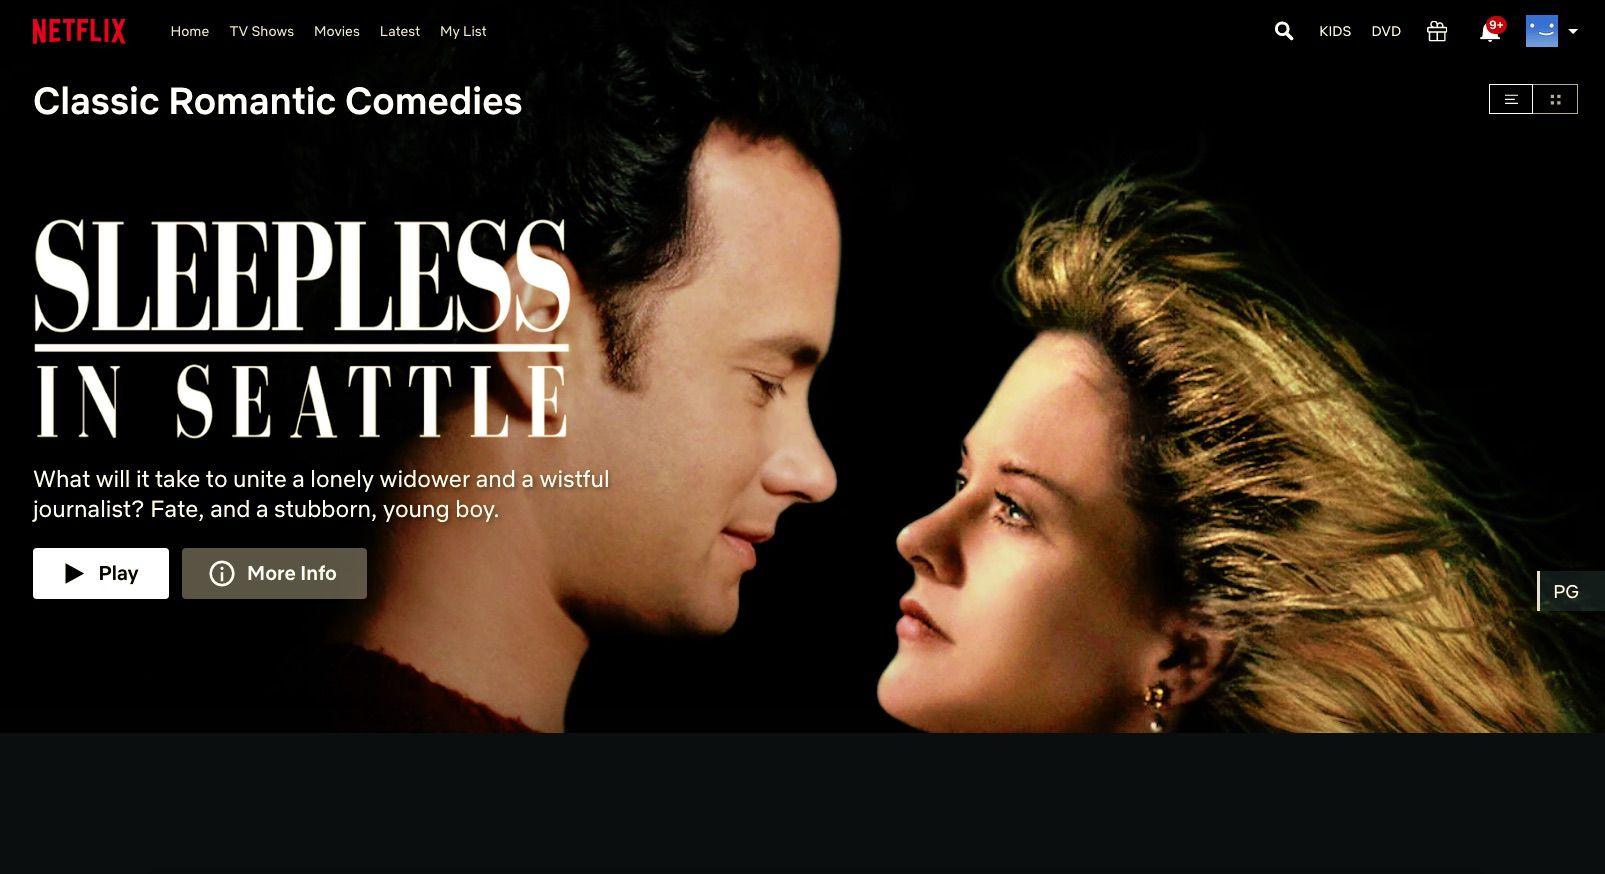 Sleepless in Seattle found through Netflix hidden codes for romances